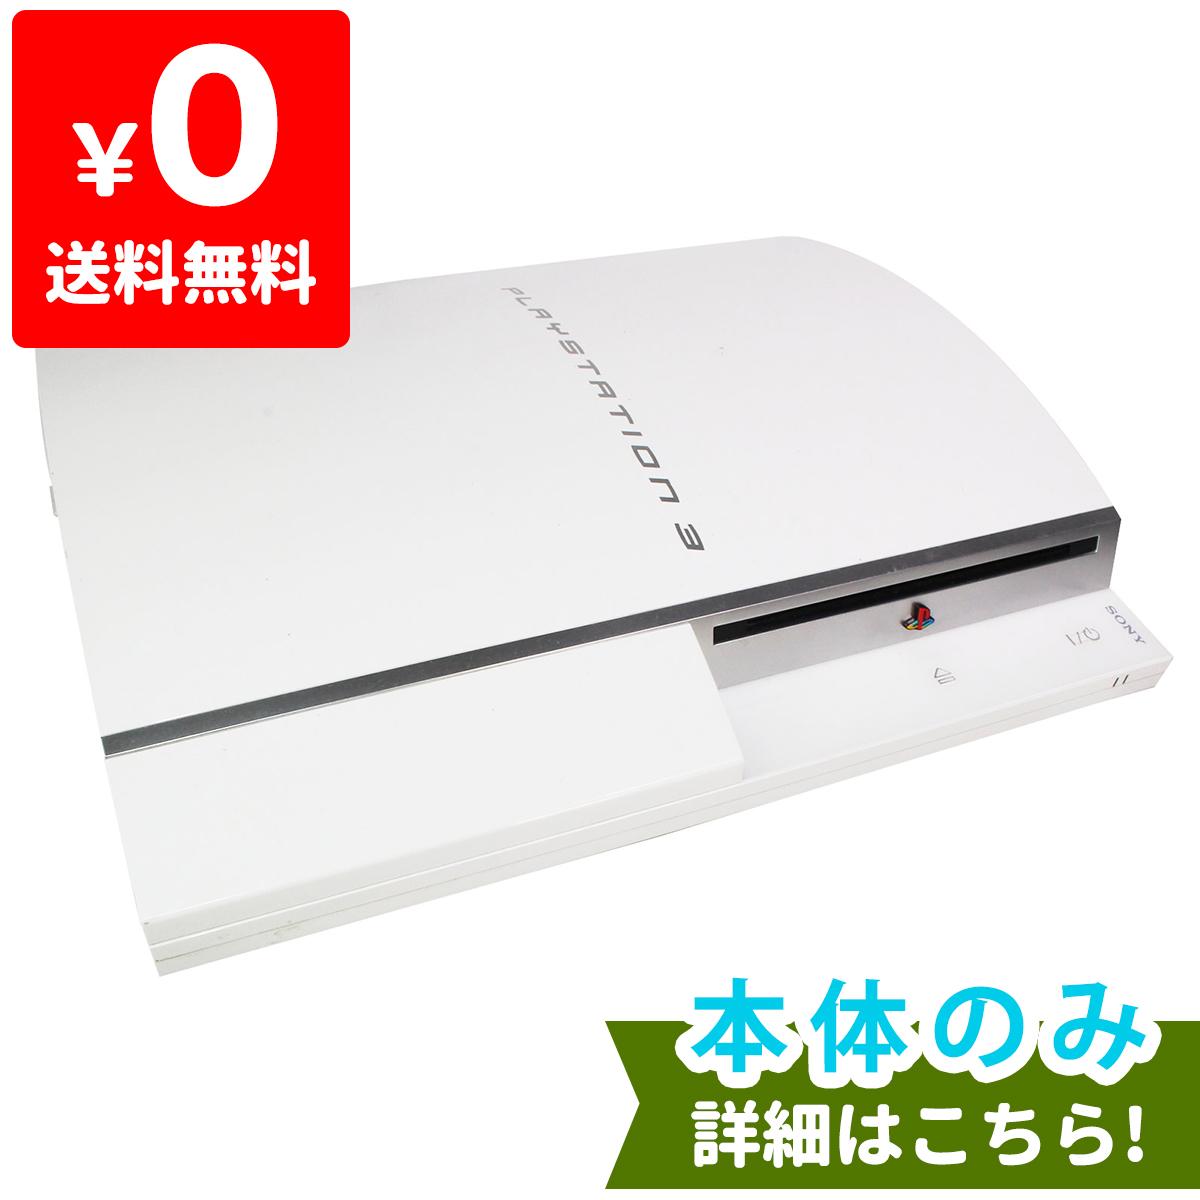 PS3 プレステ3 PLAYSTATION 3 80GB セラミックホワイト SONY ゲーム機 中古 本体のみ 4948872412032 送料無料 【中古】